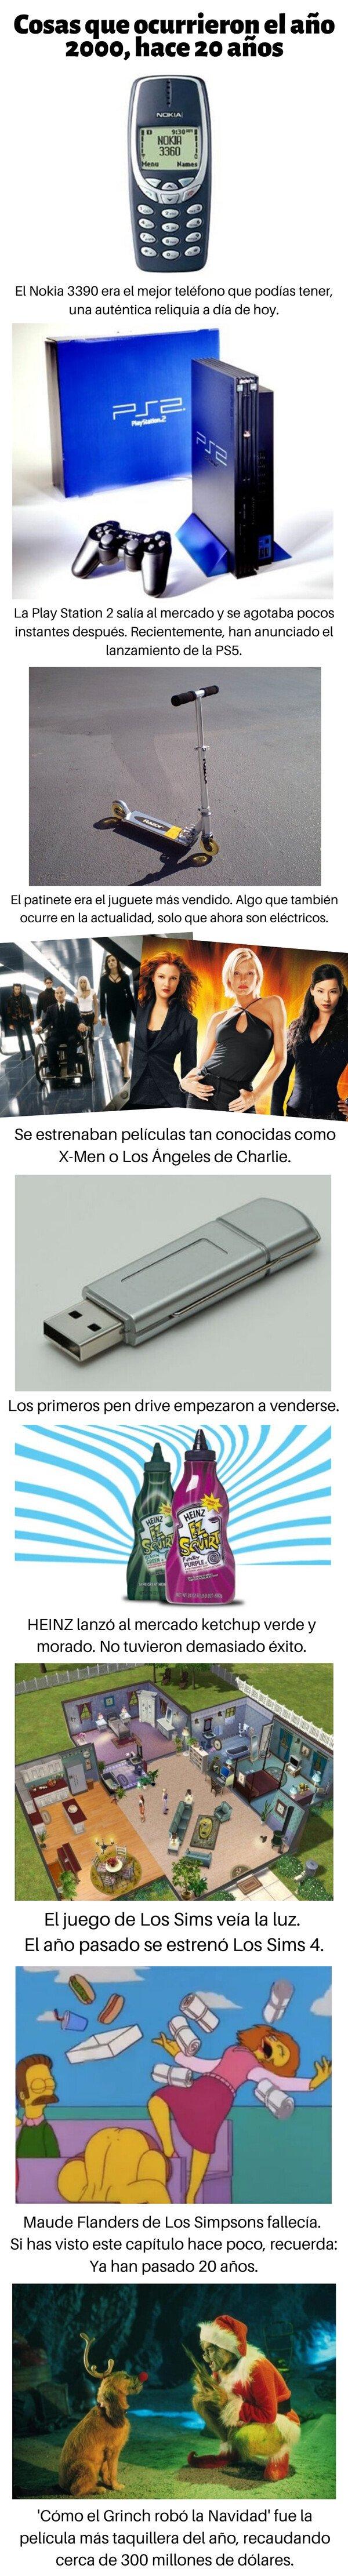 Meme_otros - Cosas que ocurrieron el año 2000, hace 20 años